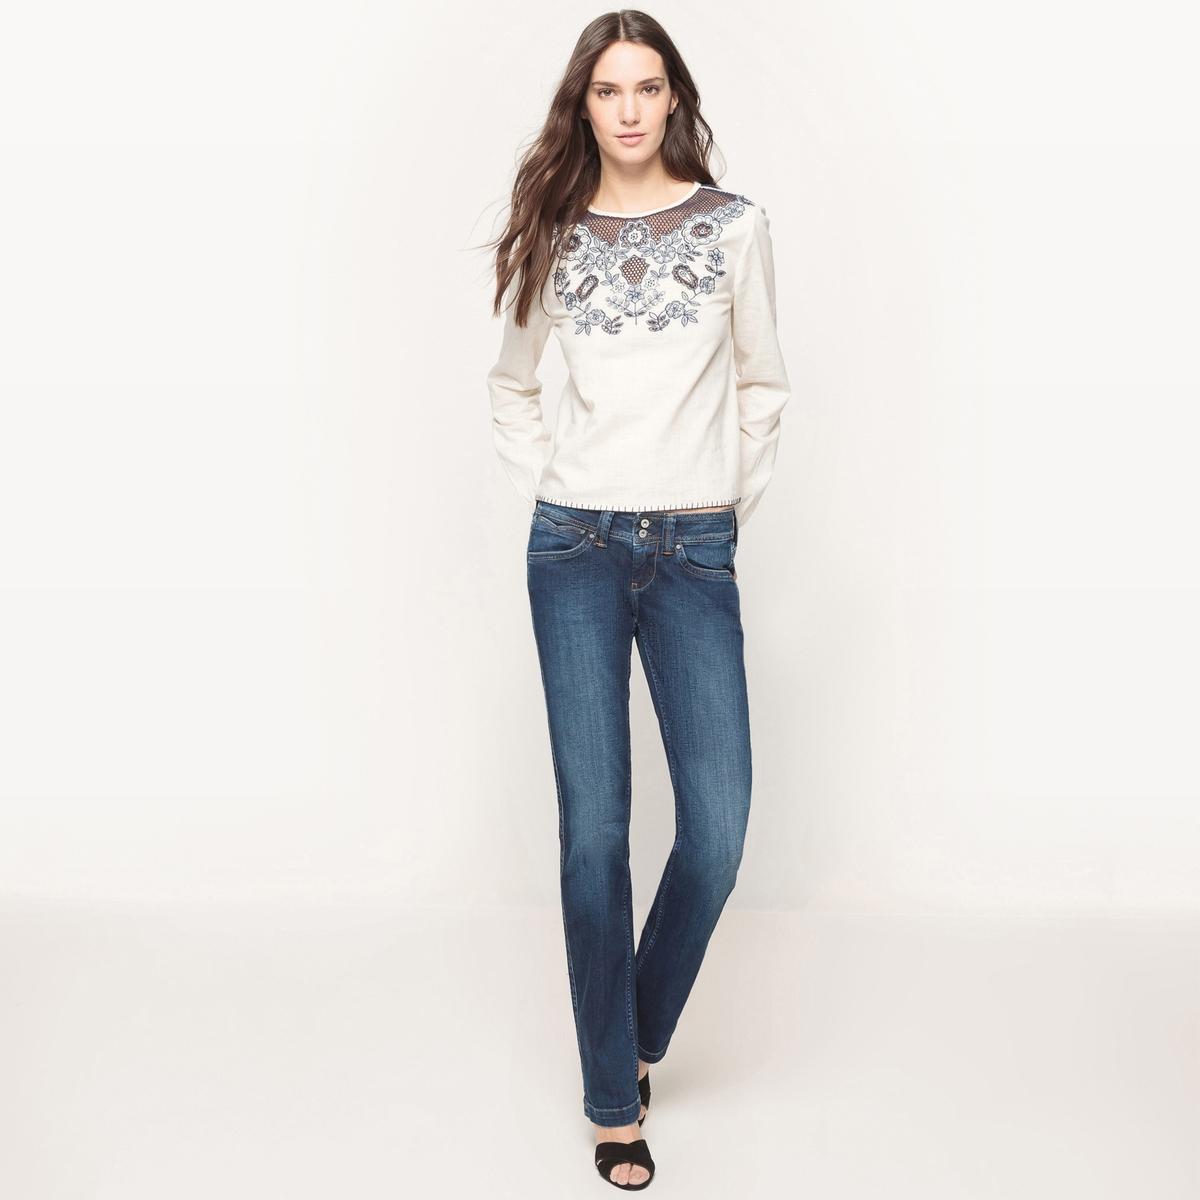 Джинсы-буткатМатериал : 98% хлопка, 2% эластана  Высота пояса : стандартная Покрой джинсов : свободный, широкий Длина джинсов : длина 32<br><br>Цвет: синий потертый<br>Размер: 29 длина 34.29 длина 32.28 (US) длина 32.26 длина 32.32 (US) длина 32